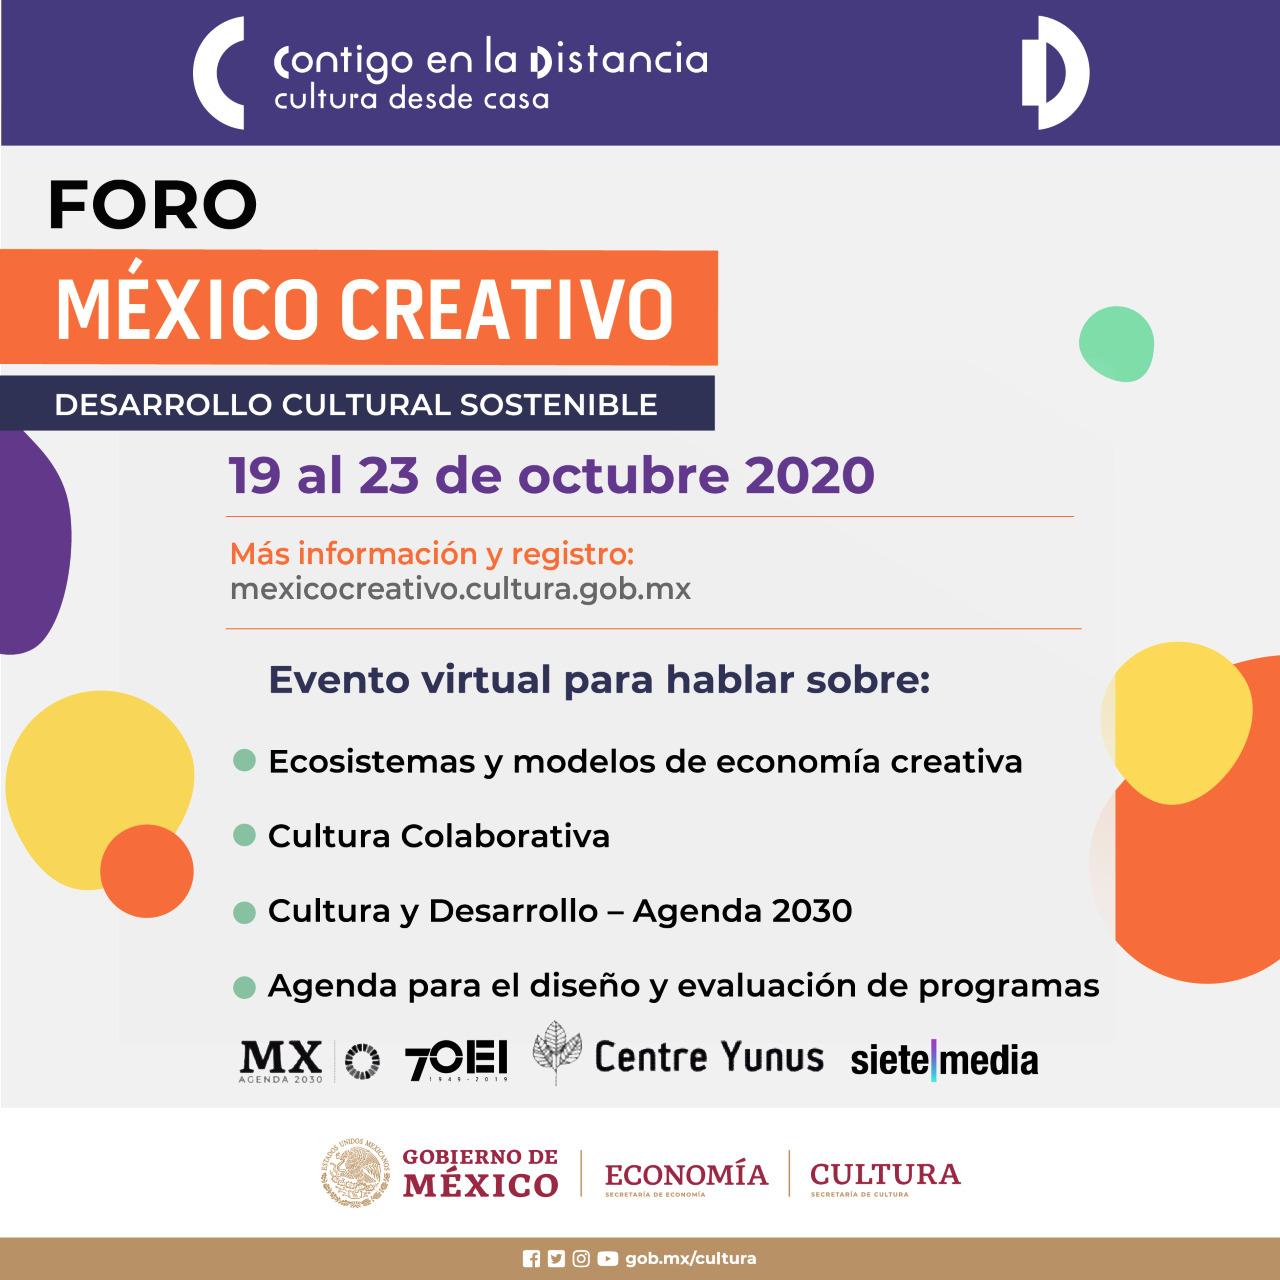 México creativo